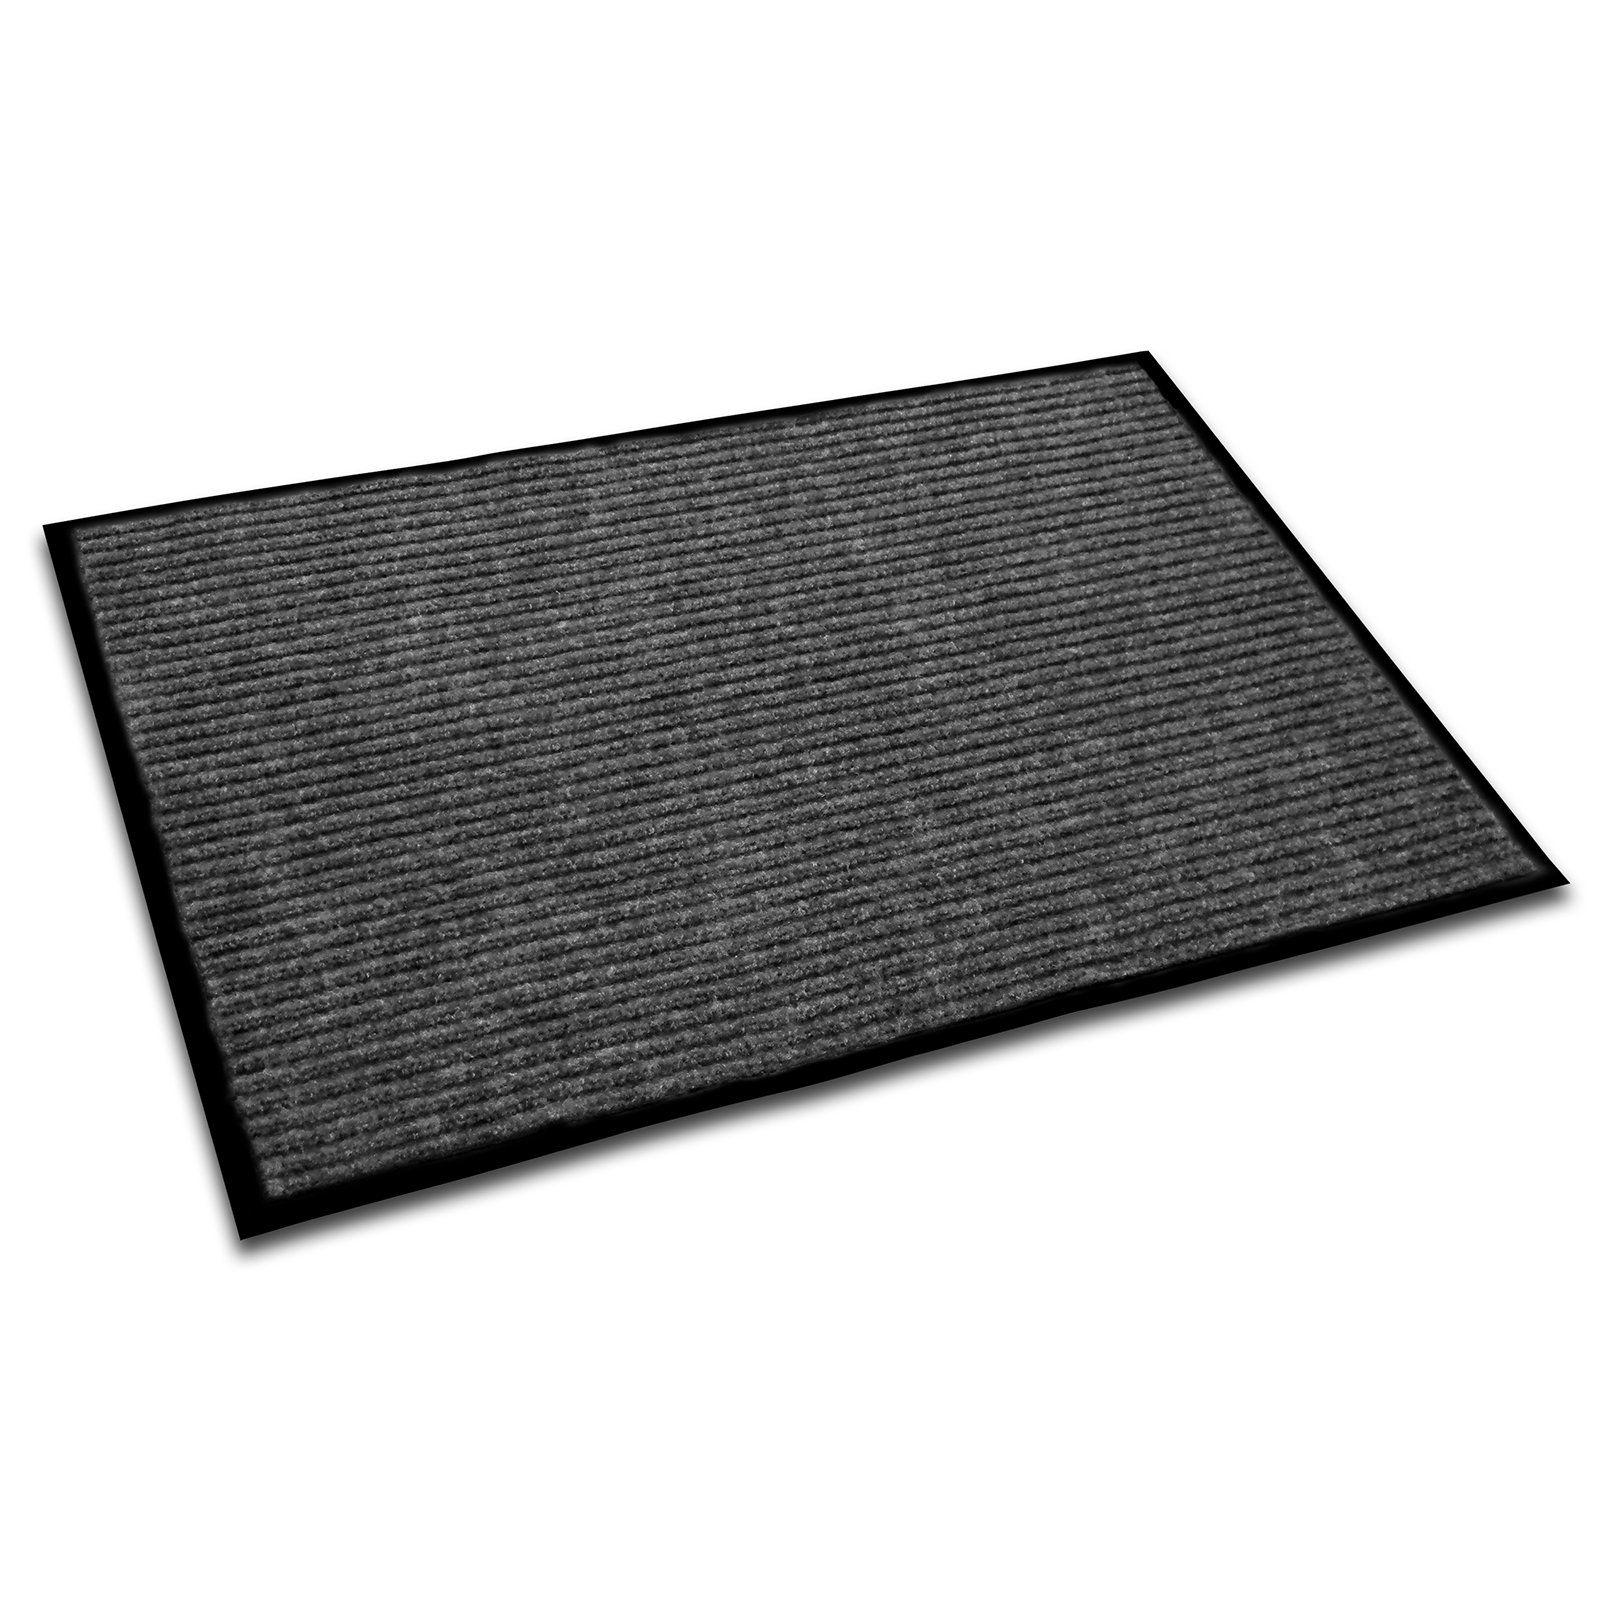 Floortex Ecotex Rib Entrance Mat Blue Indoor door mats